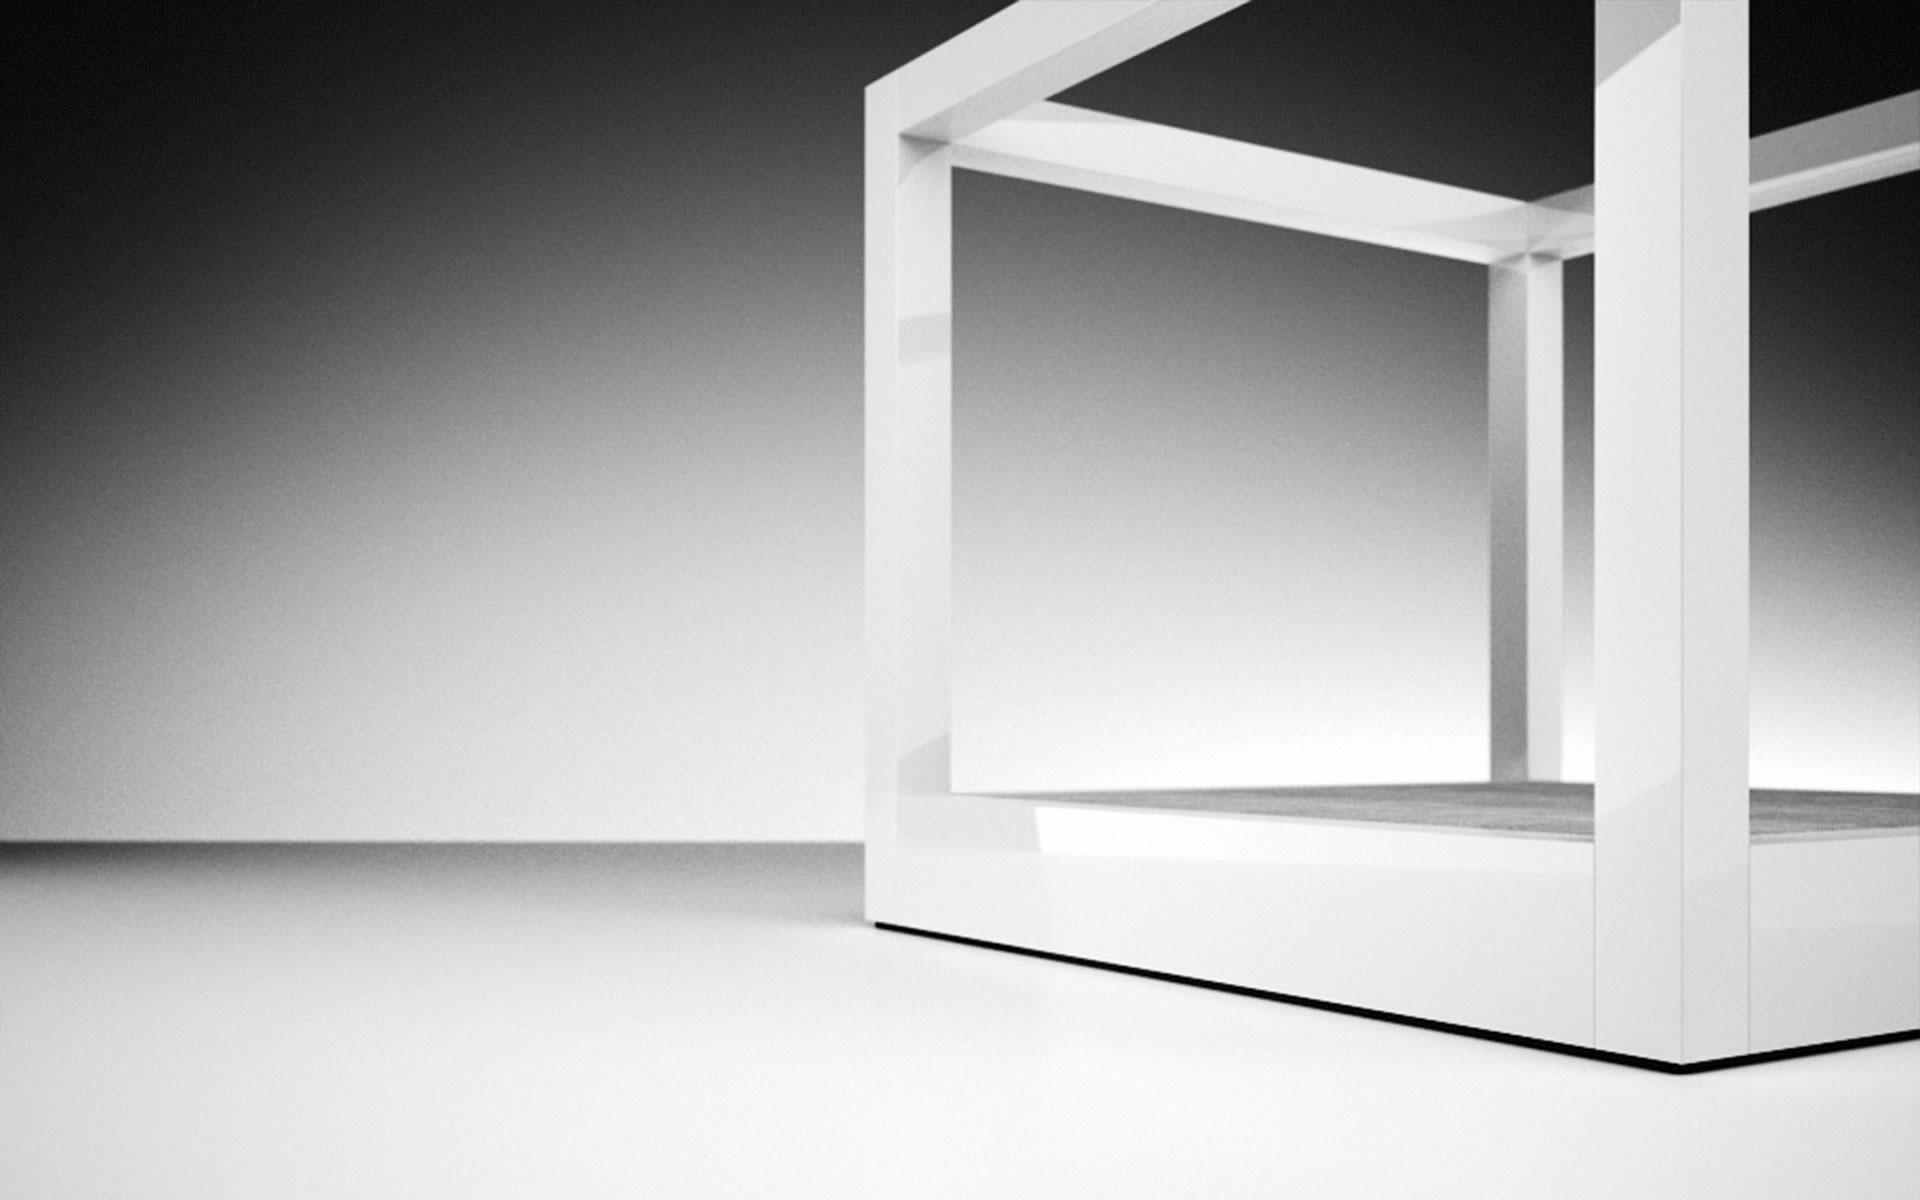 Designer himmelbett  Himmelbett RIDICULUM online ▭ 200x200 Design-Himmelbett von RECHTECK